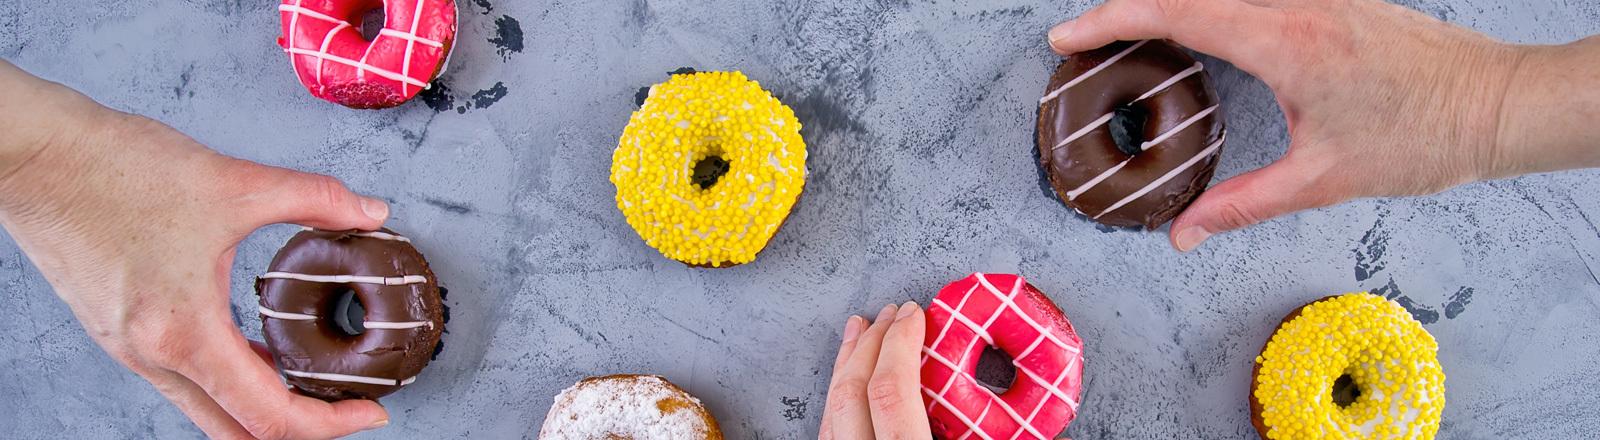 Drei Hände greifen nach bunten Donuts, die auf einem Tisch liegen.